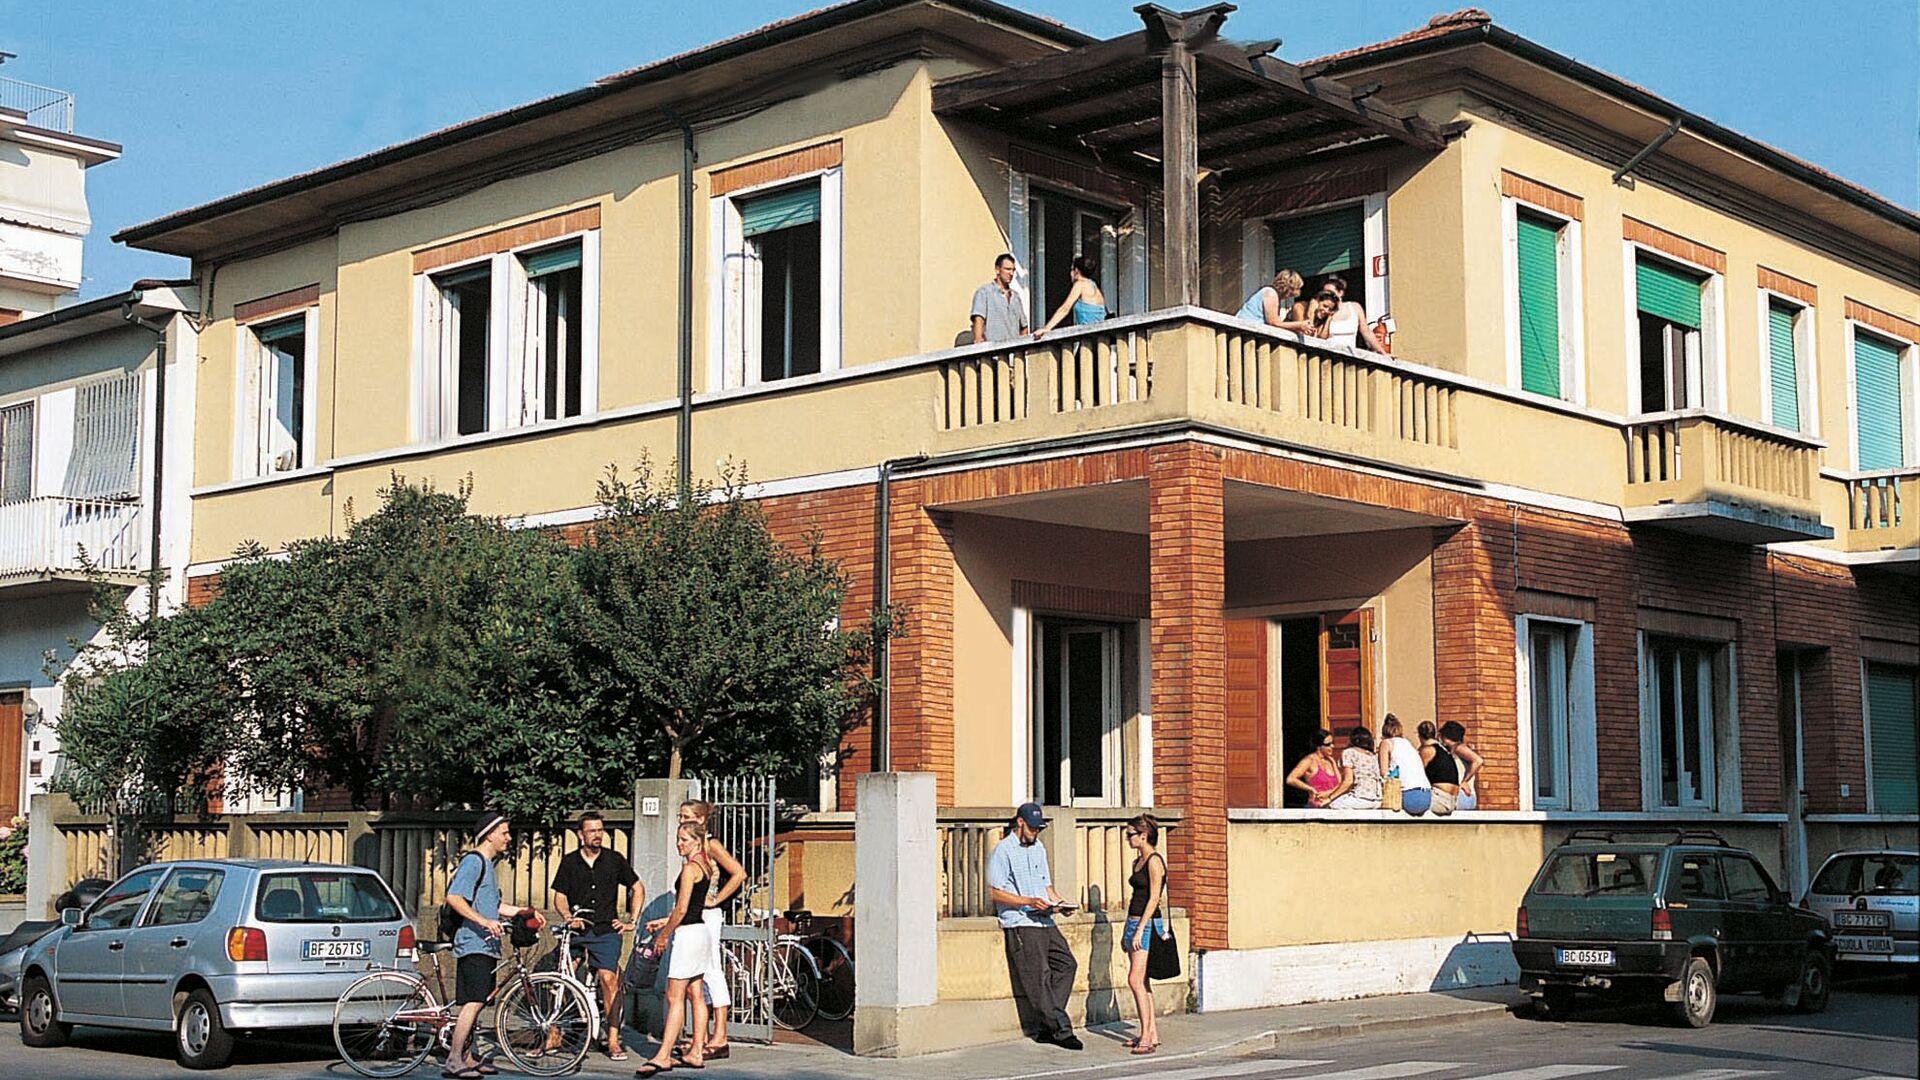 Sprachaufenthalt Italien, Viareggio - Scuola Leonardo da Vinci Viareggio - Schule